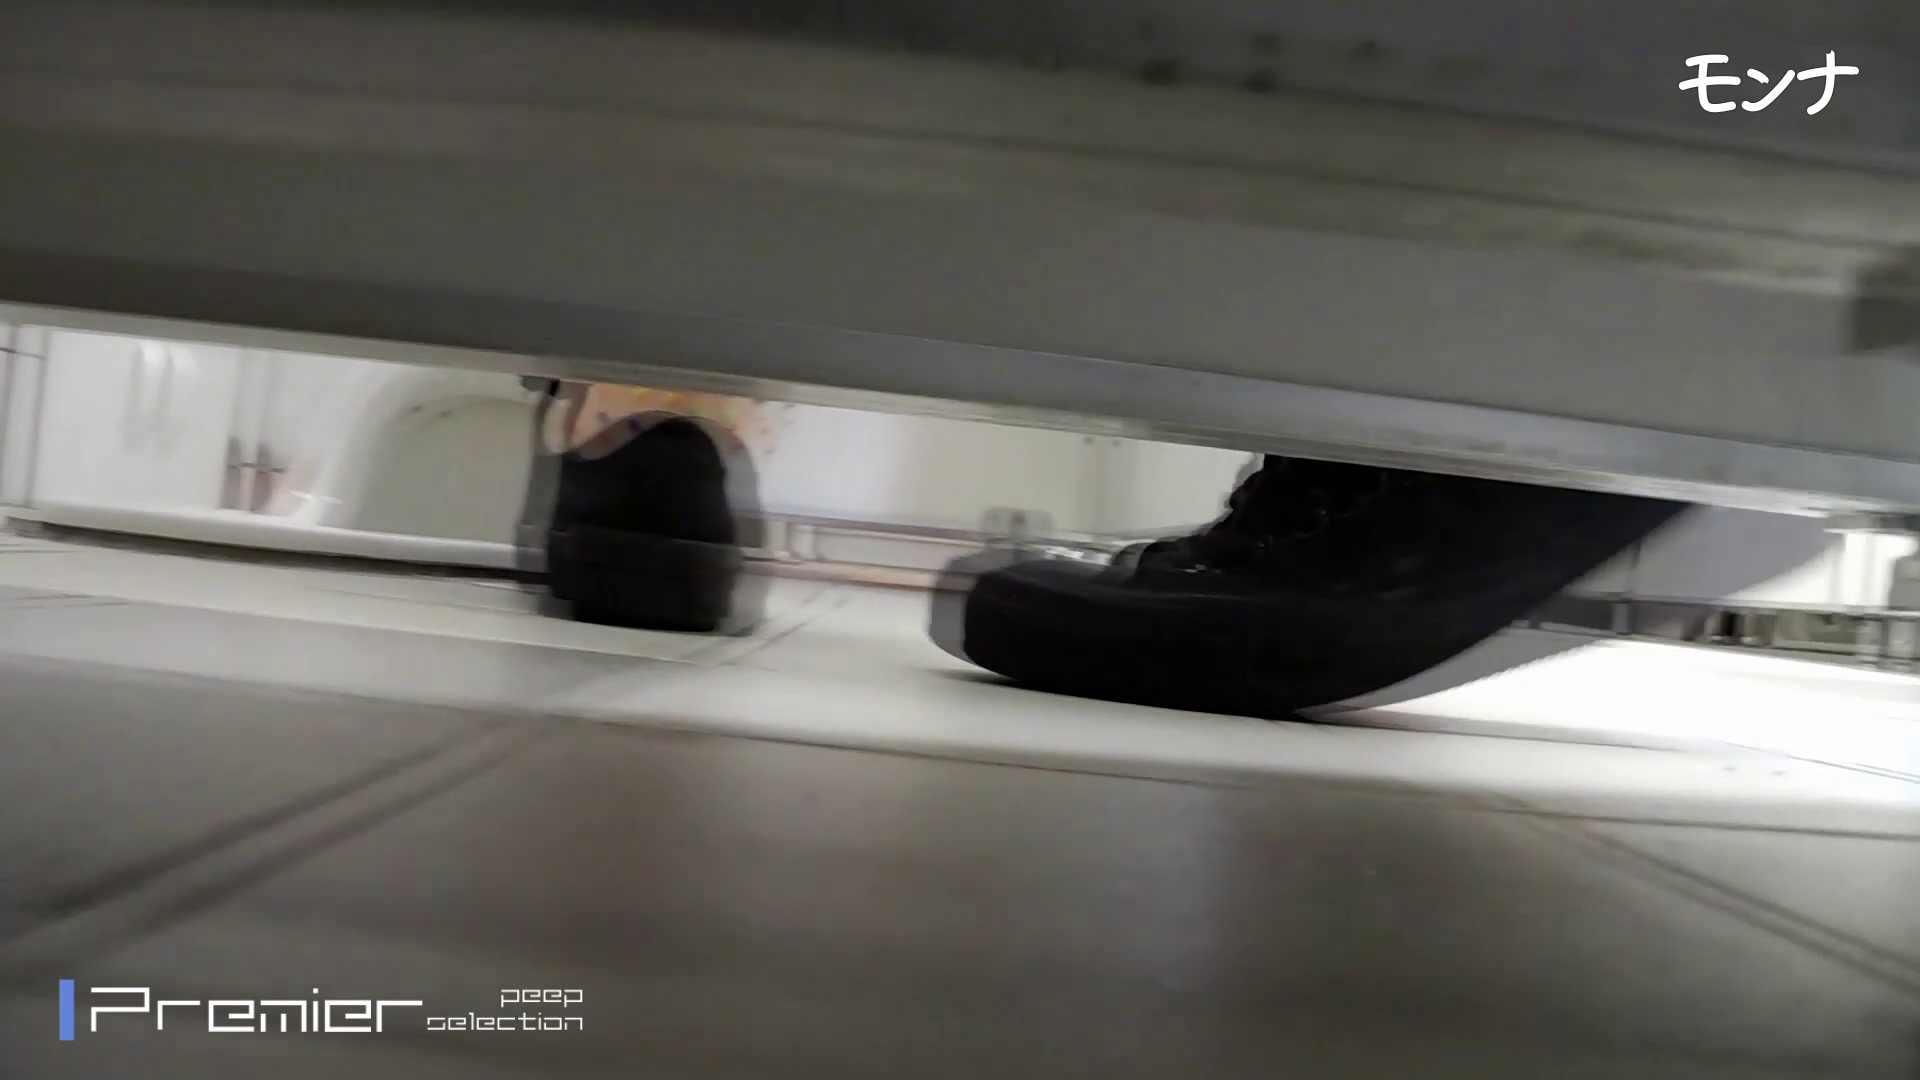 美しい日本の未来 No.84この美脚と距離感 盗撮エロすぎ | 覗き  86連発 34